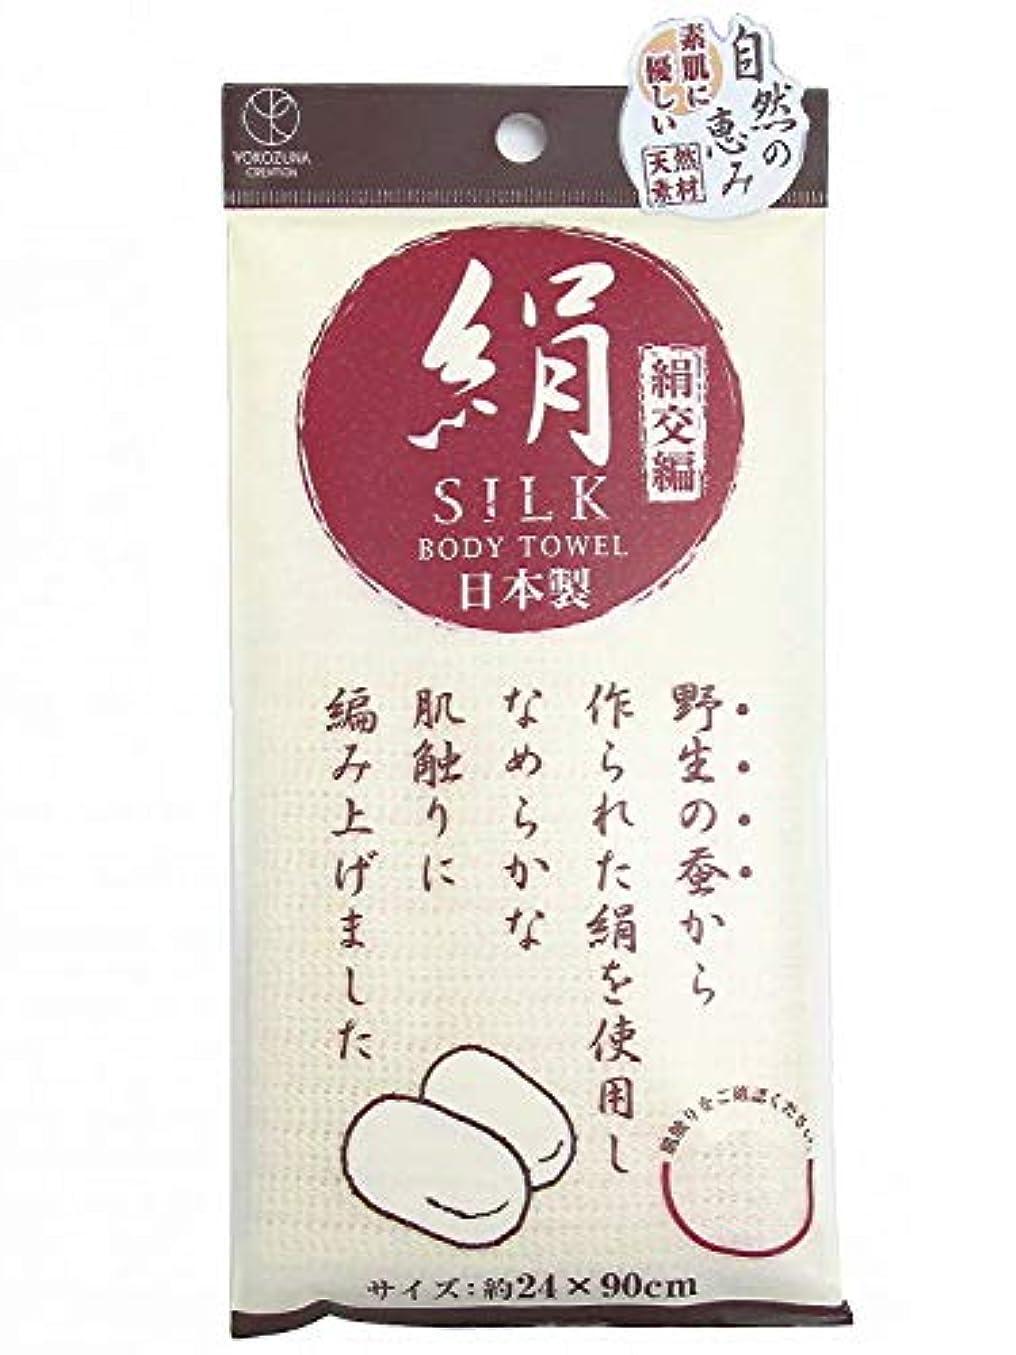 シルク ボディタオル 絹タオル ボディータオル バス 風呂 ボディケア 絹 敏感肌 浴用 (クリーム)